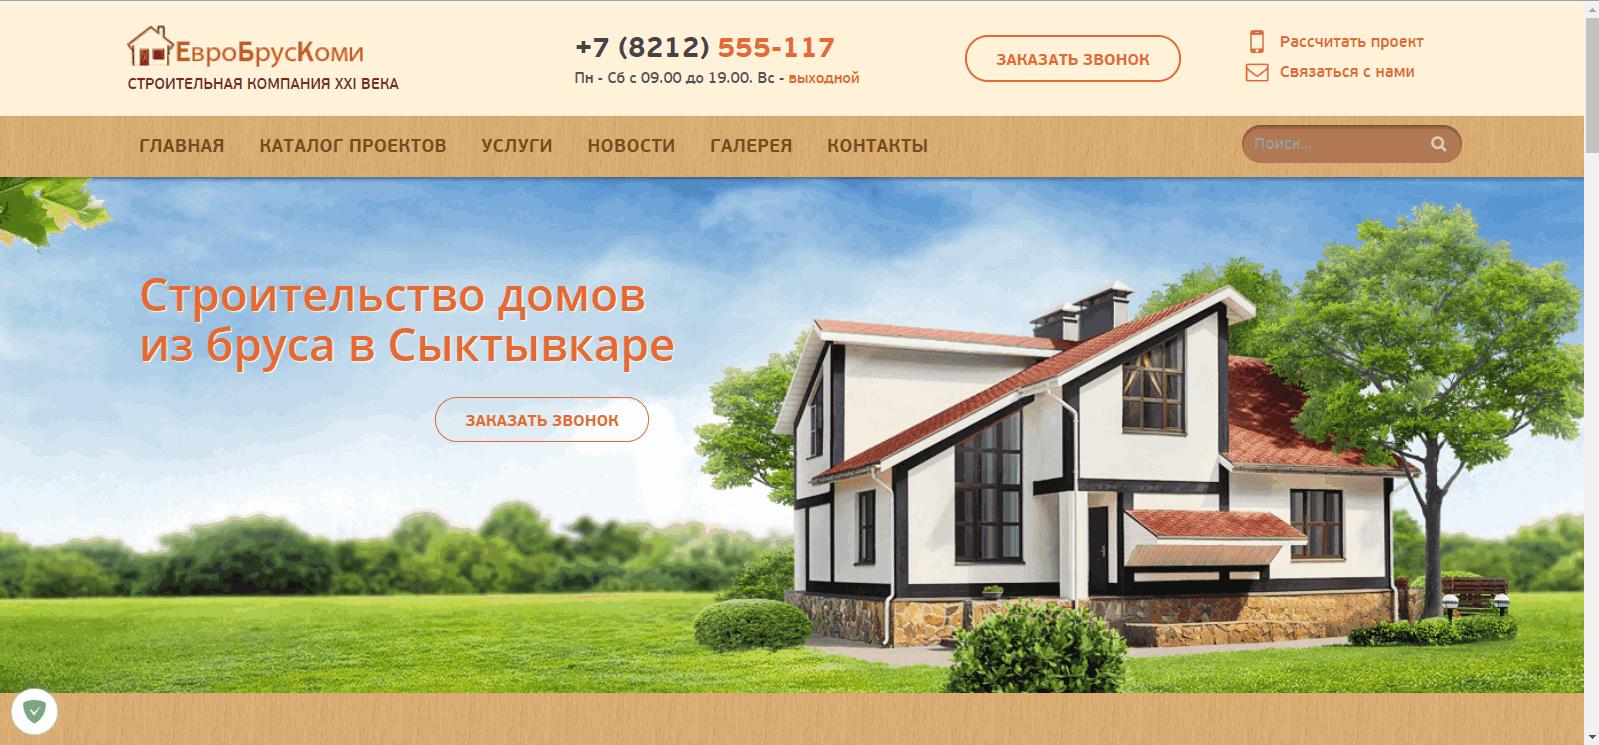 Сайт-компании-евробрус-коми